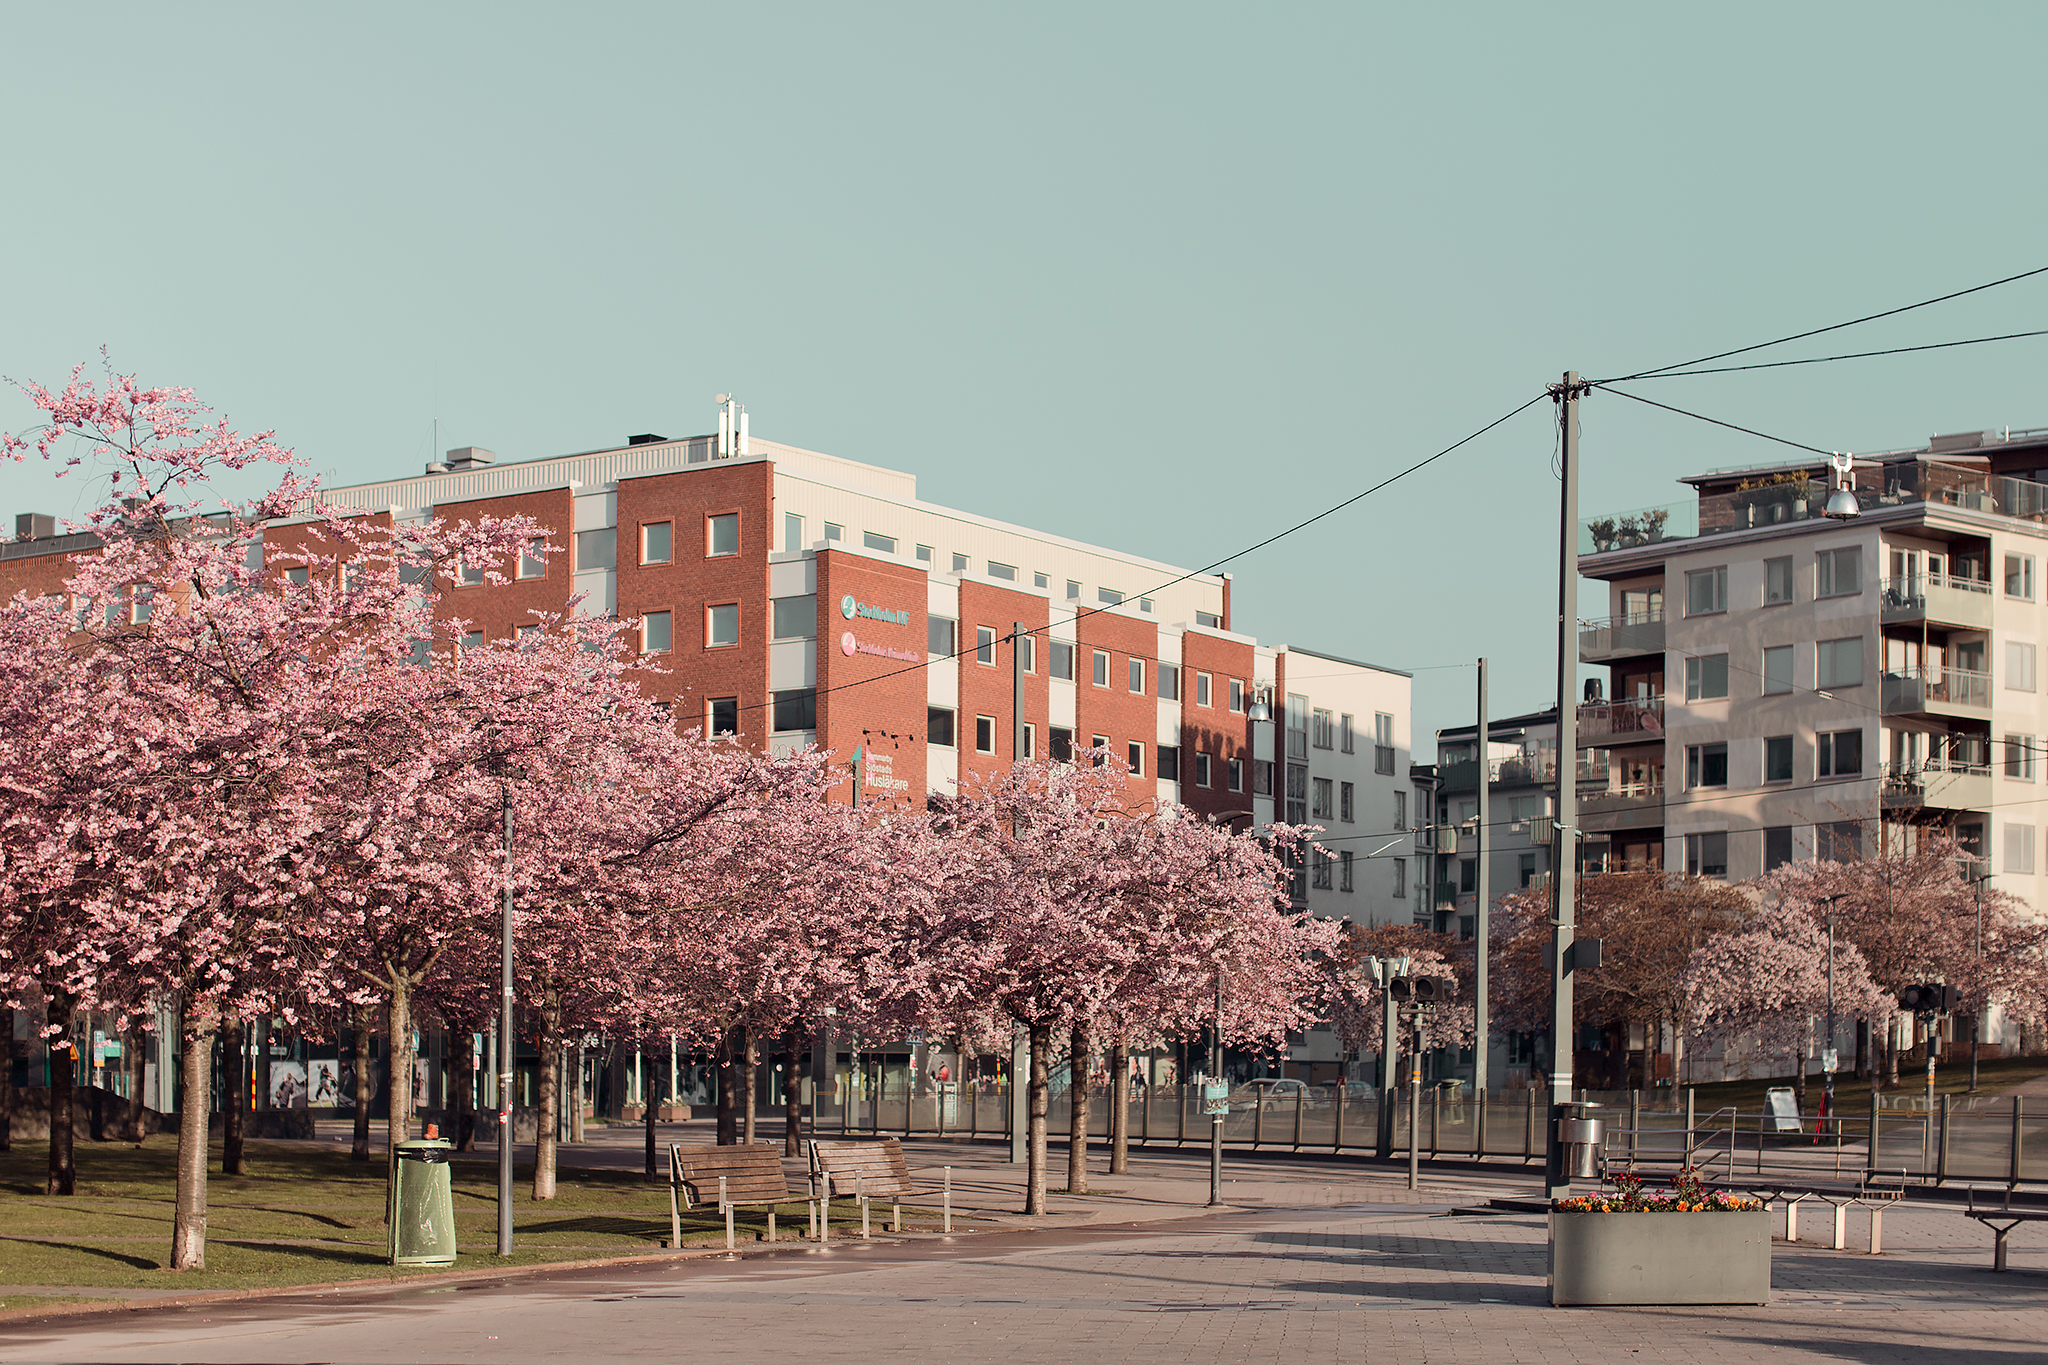 Lumaparken körsbärsträd